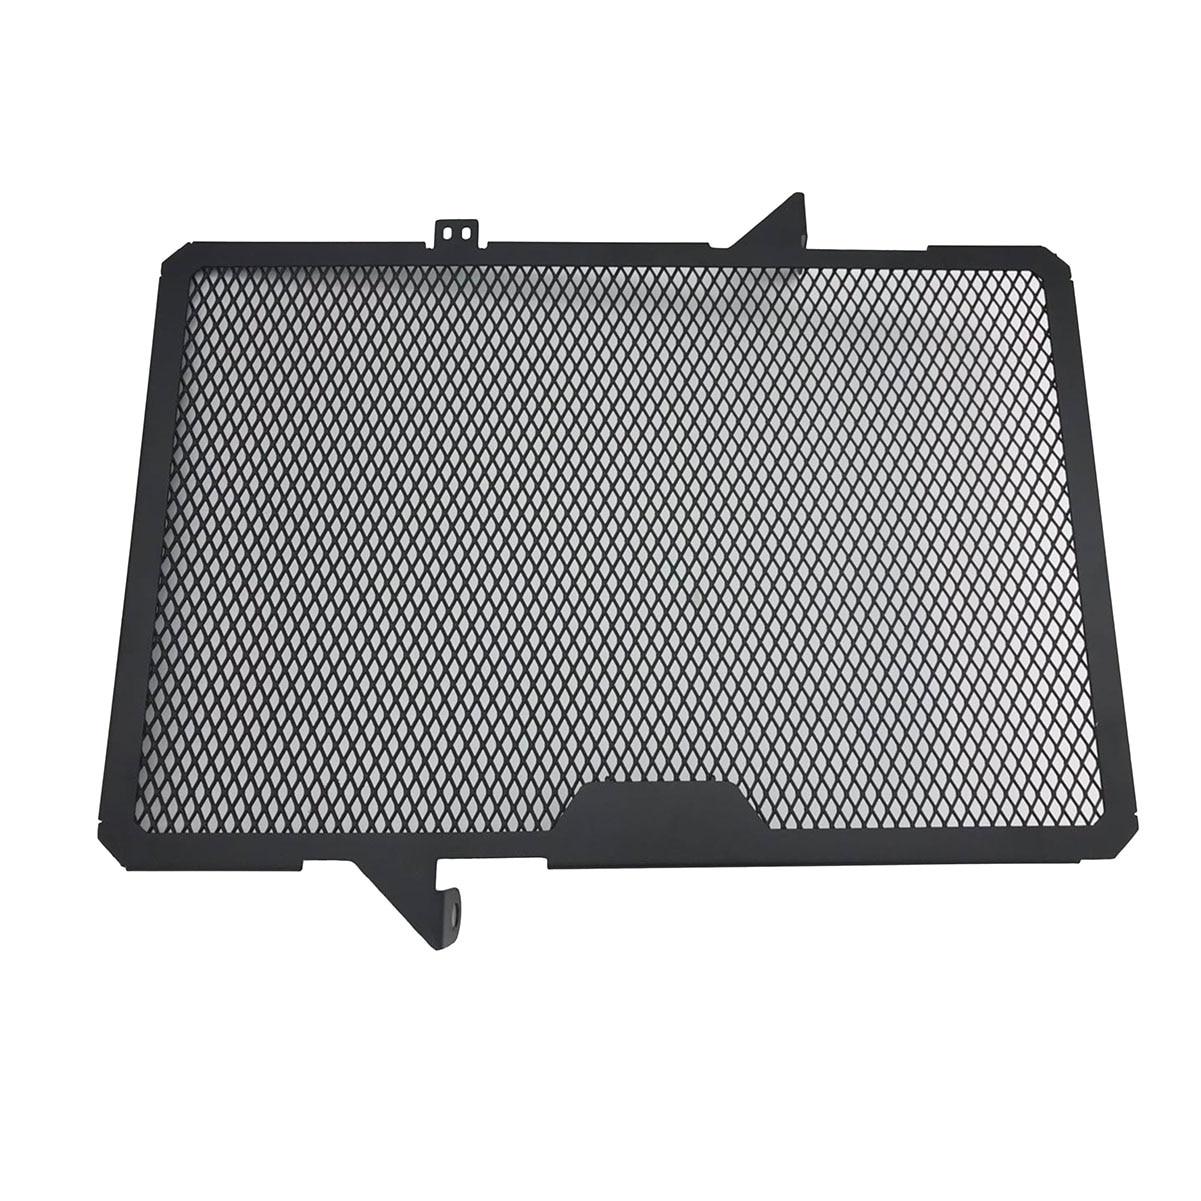 Moto acier radiateur garde gril couverture huile refroidisseur lunette protecteur Grille pour 2014-2018 Honda CB650F CBR650F CB 650F CBR 650F 2018